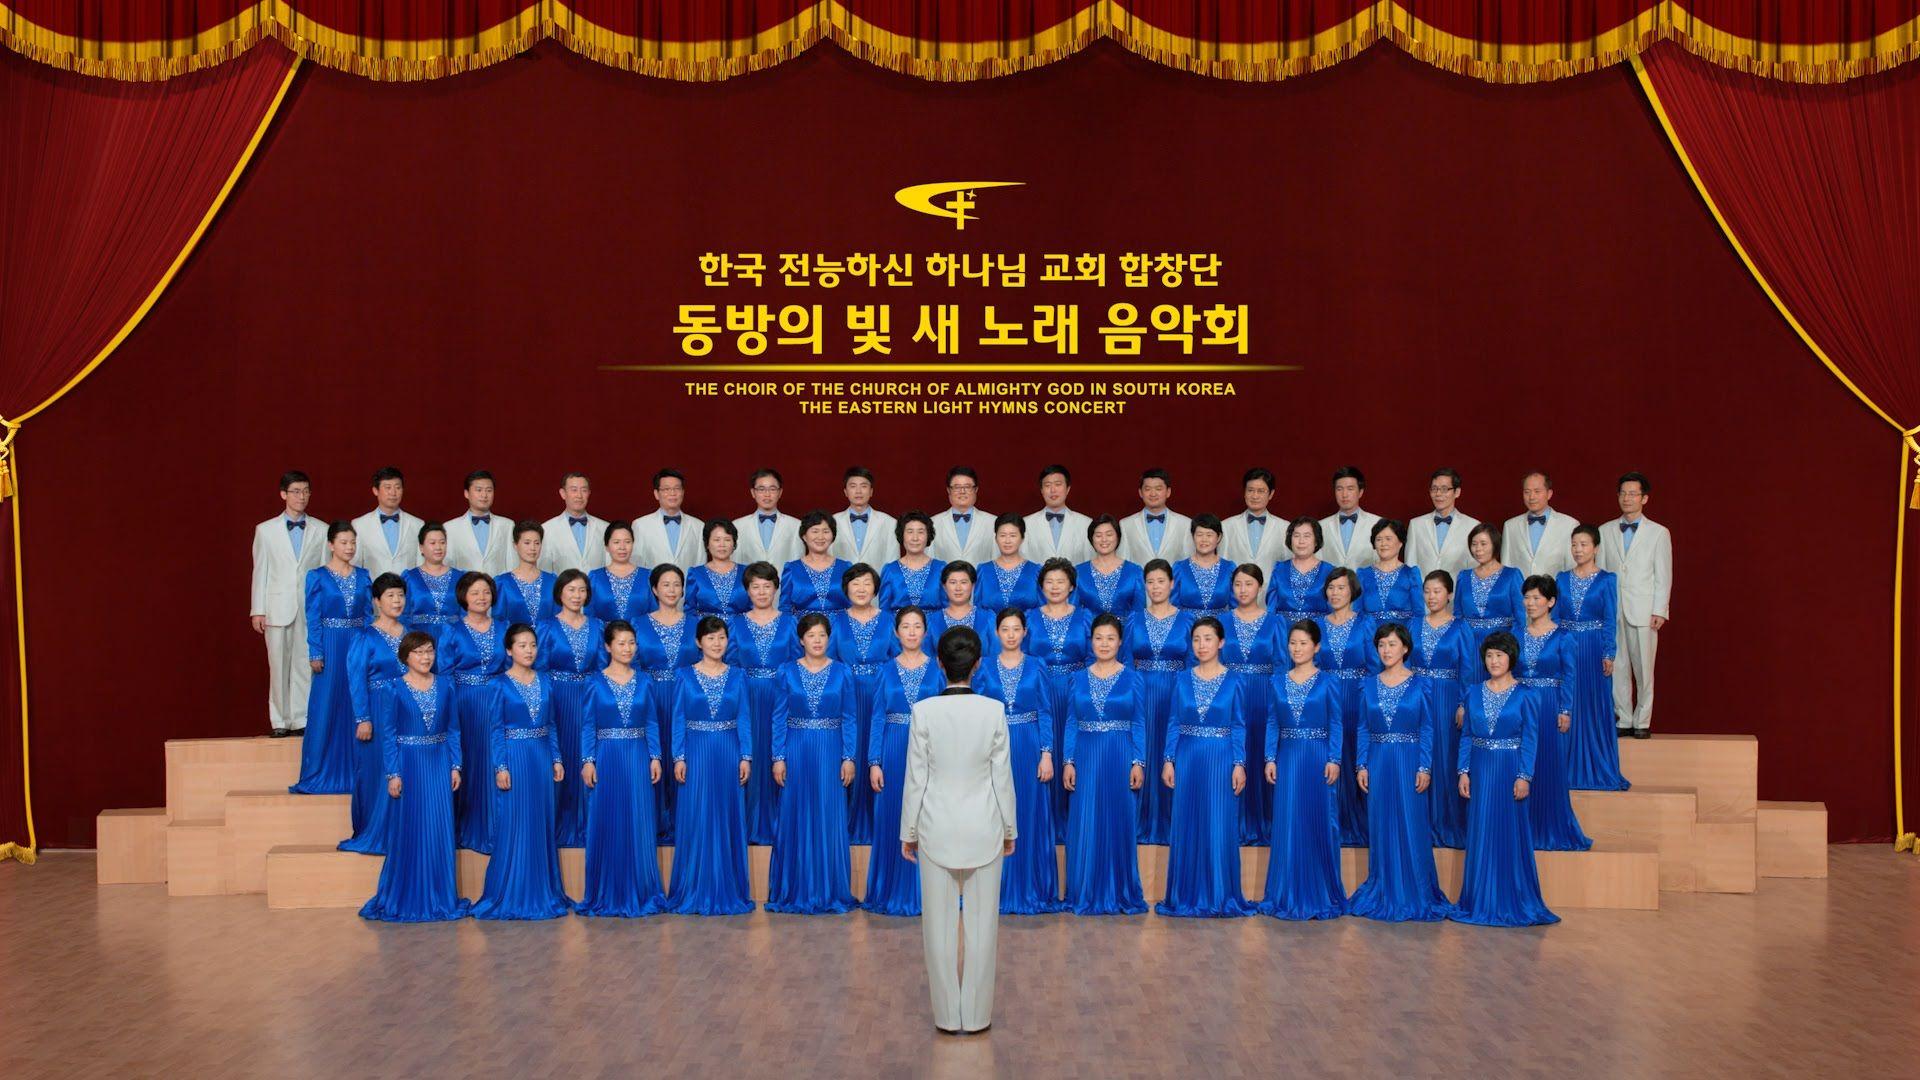 全能神教會韓文合唱團東方之光演唱會第七輯 合唱 合唱団 神